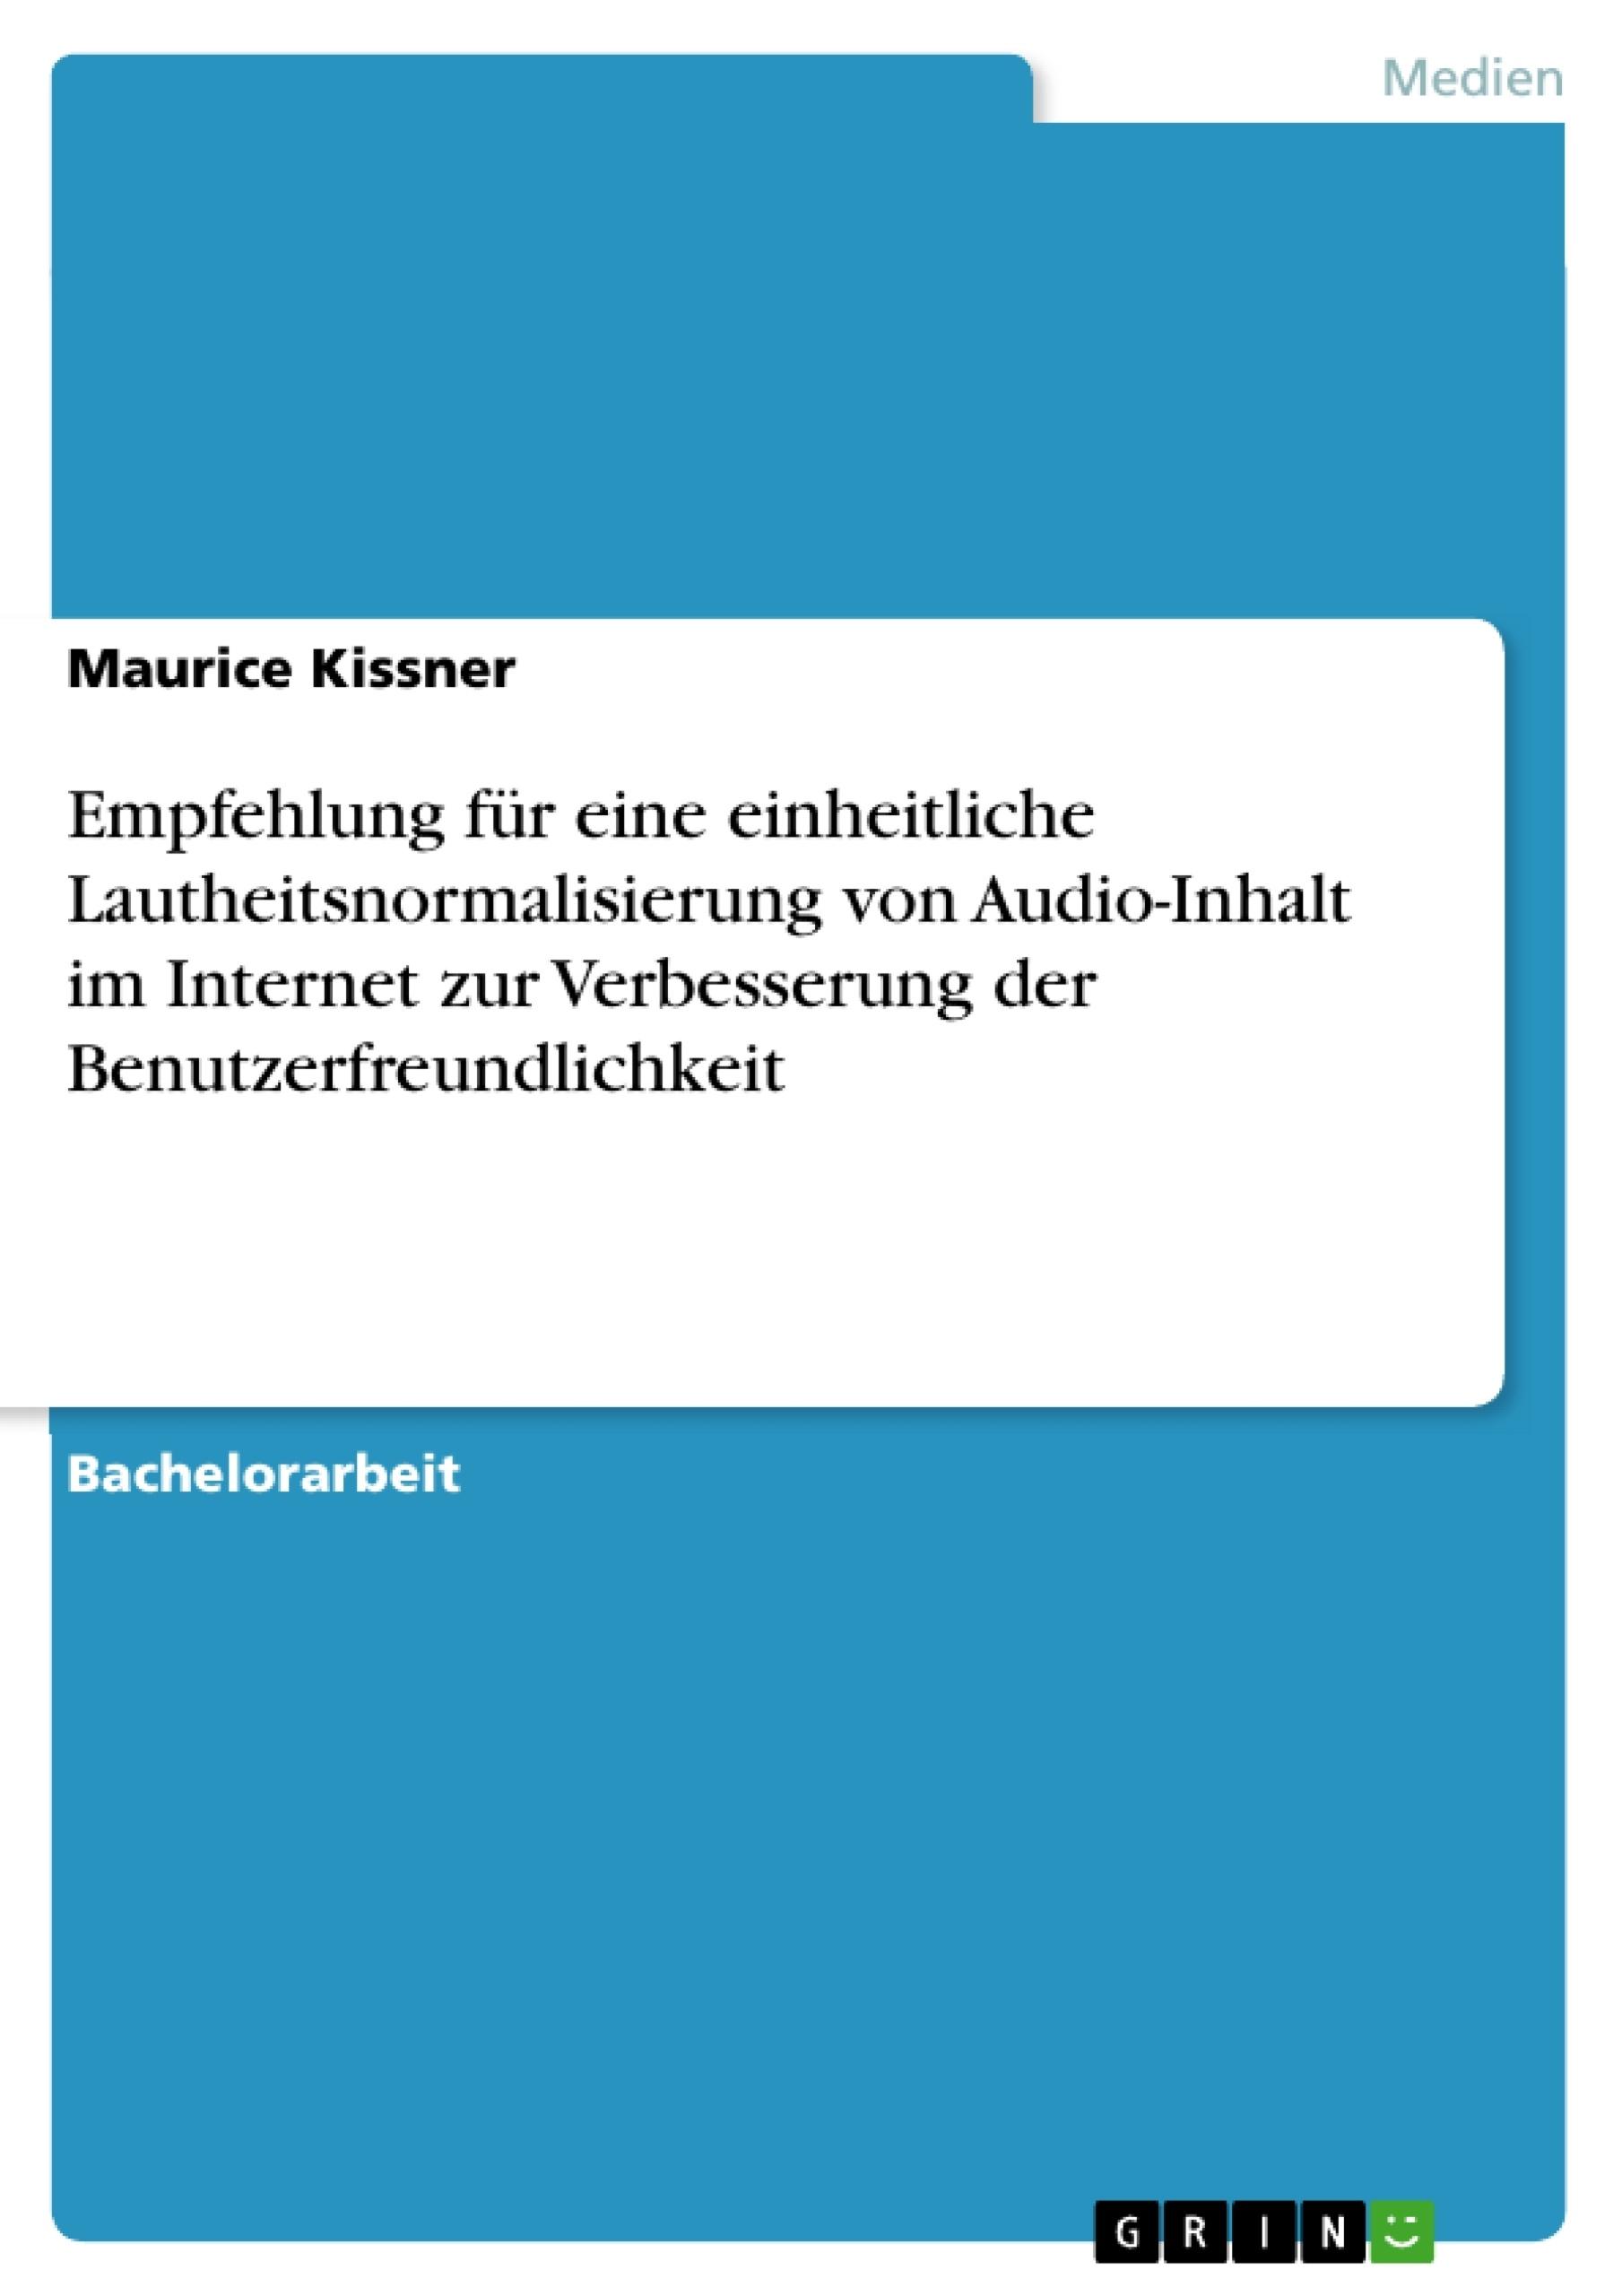 Titel: Empfehlung für eine einheitliche Lautheitsnormalisierung von Audio-Inhalt im Internet zur Verbesserung der Benutzerfreundlichkeit